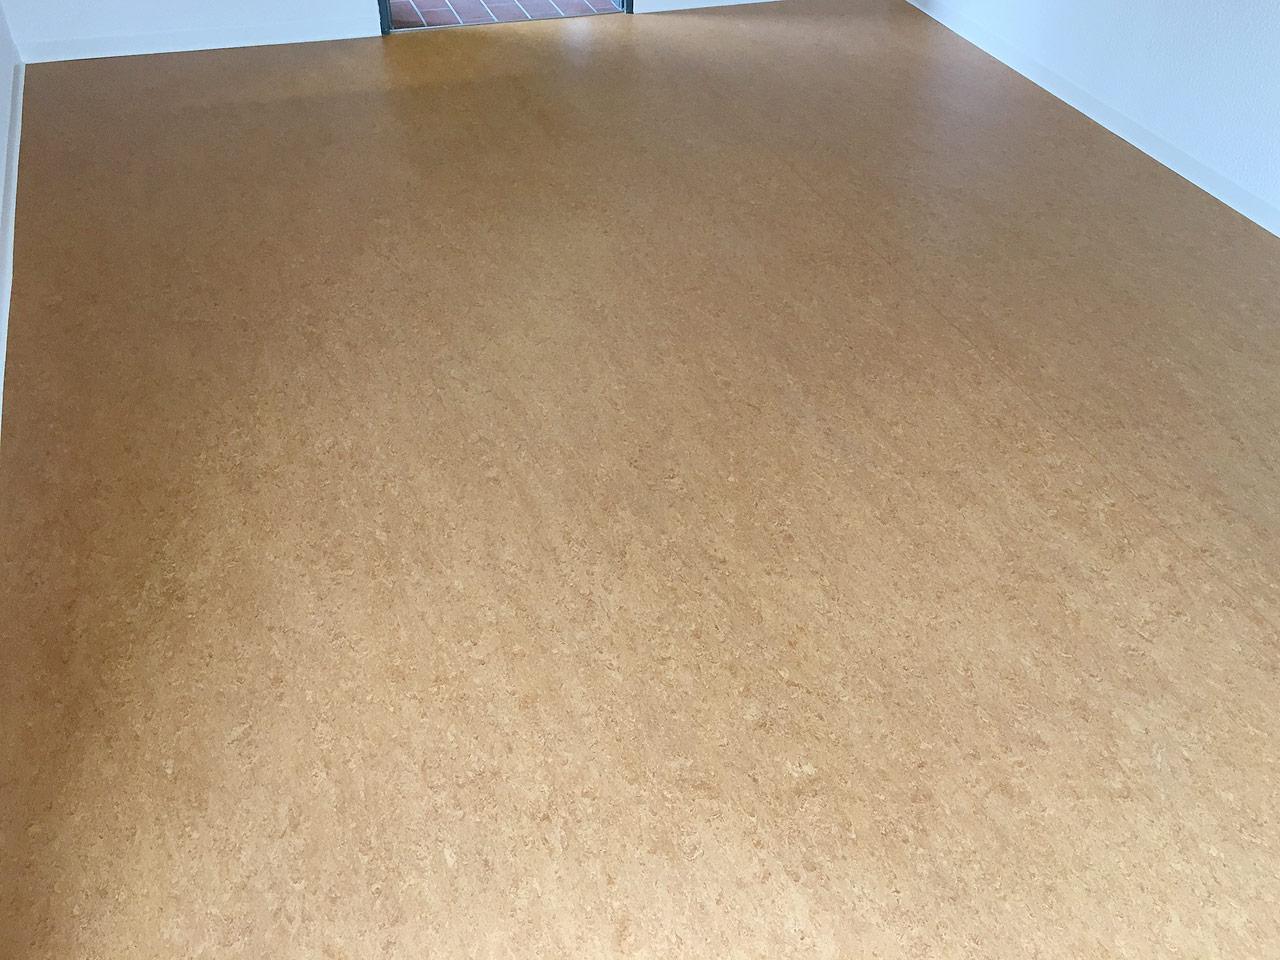 Fußboden Linoleum ~ Linoleum boden meister linoleumboden puro lid 300 s 2120x235x10mm